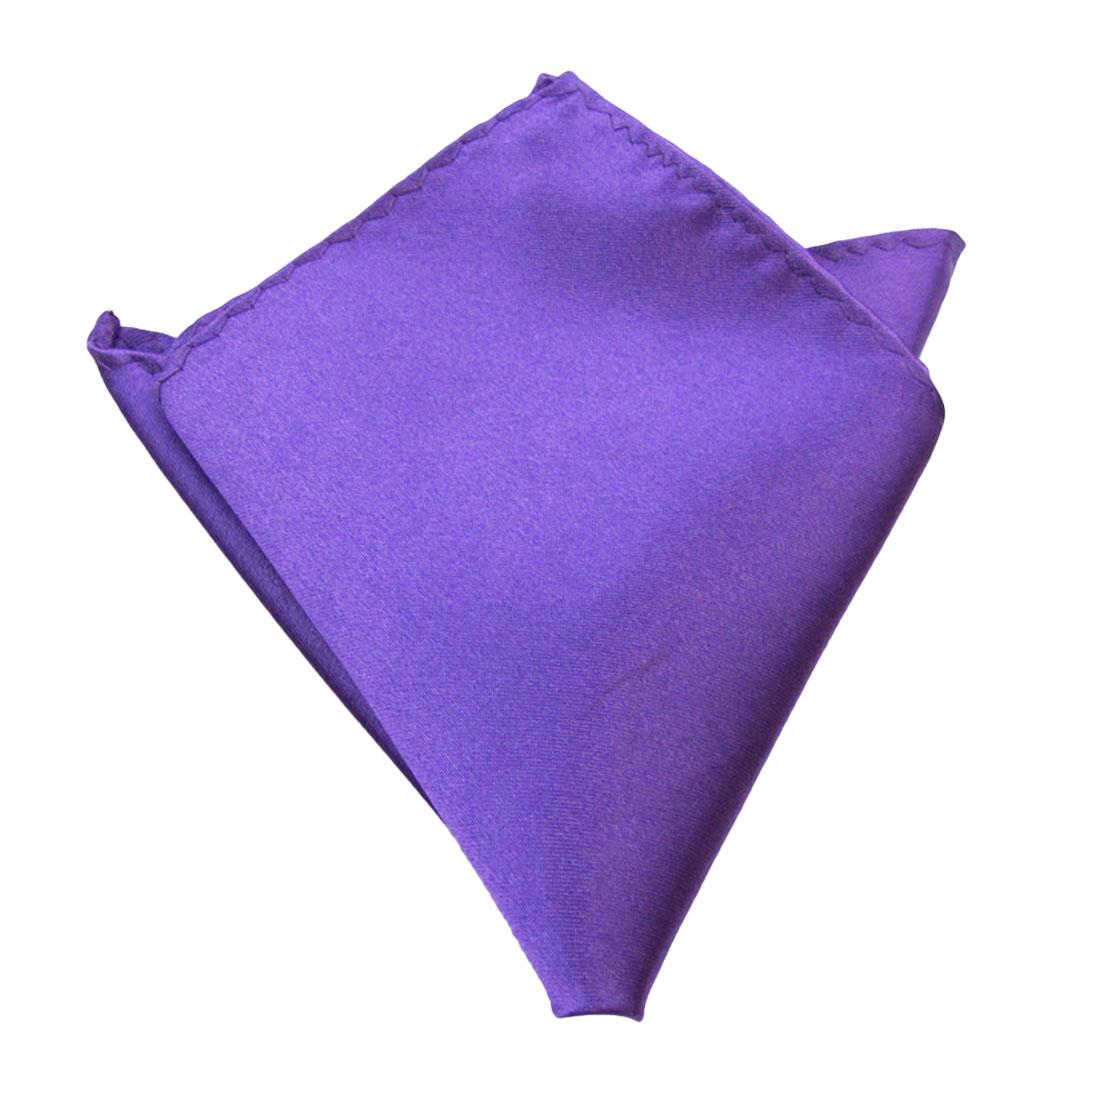 Hot Men's Retro Style Pocket Square Wedding Men's Handkerchief Hanky Wedding Party